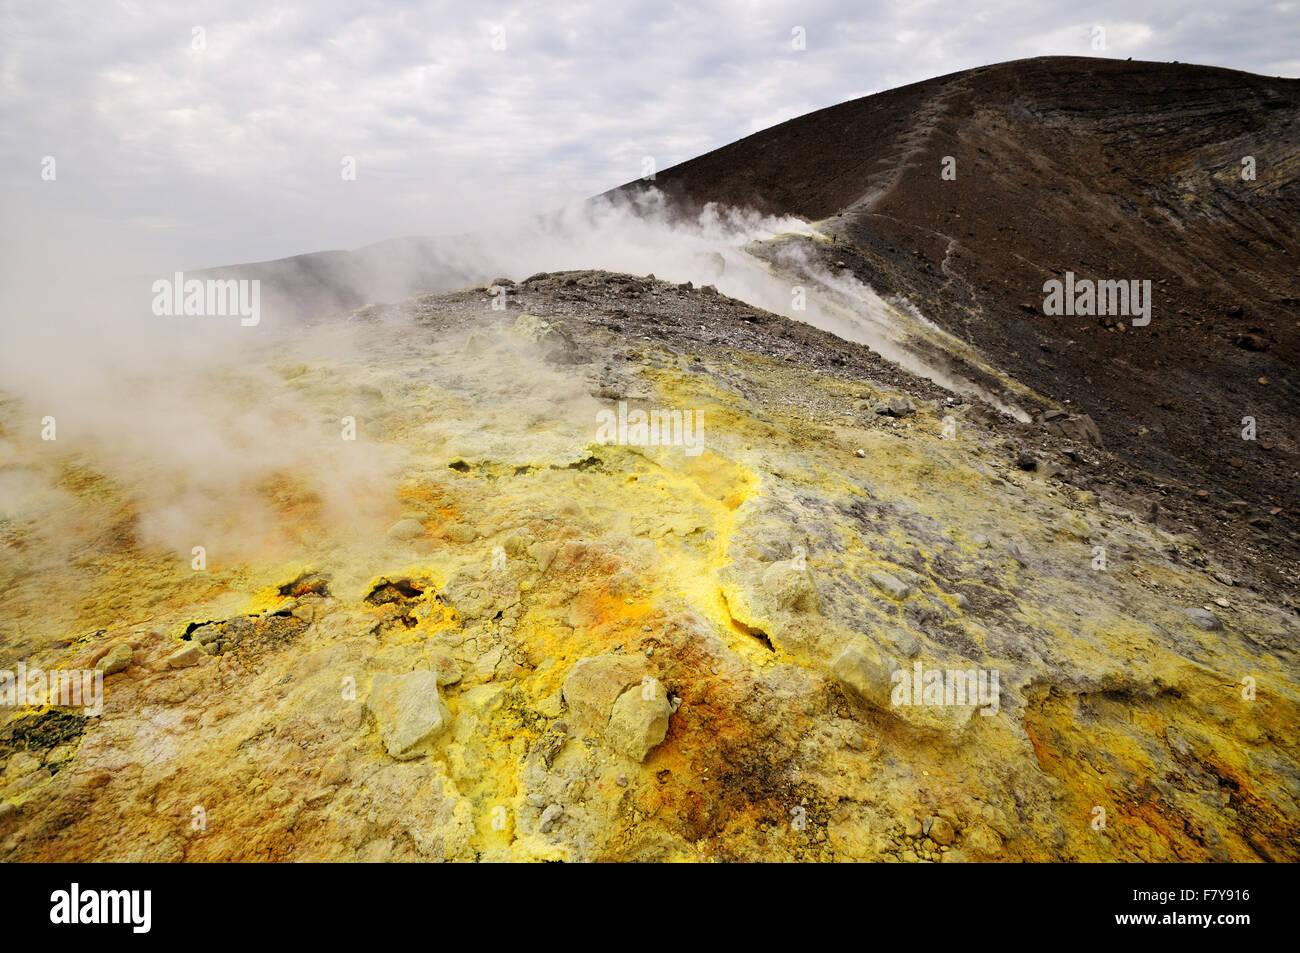 Las fumarolas de azufre y en el cráter activo (Gran Cratere) de Vulcano, las Islas Eolias, en Sicilia, Italia Imagen De Stock